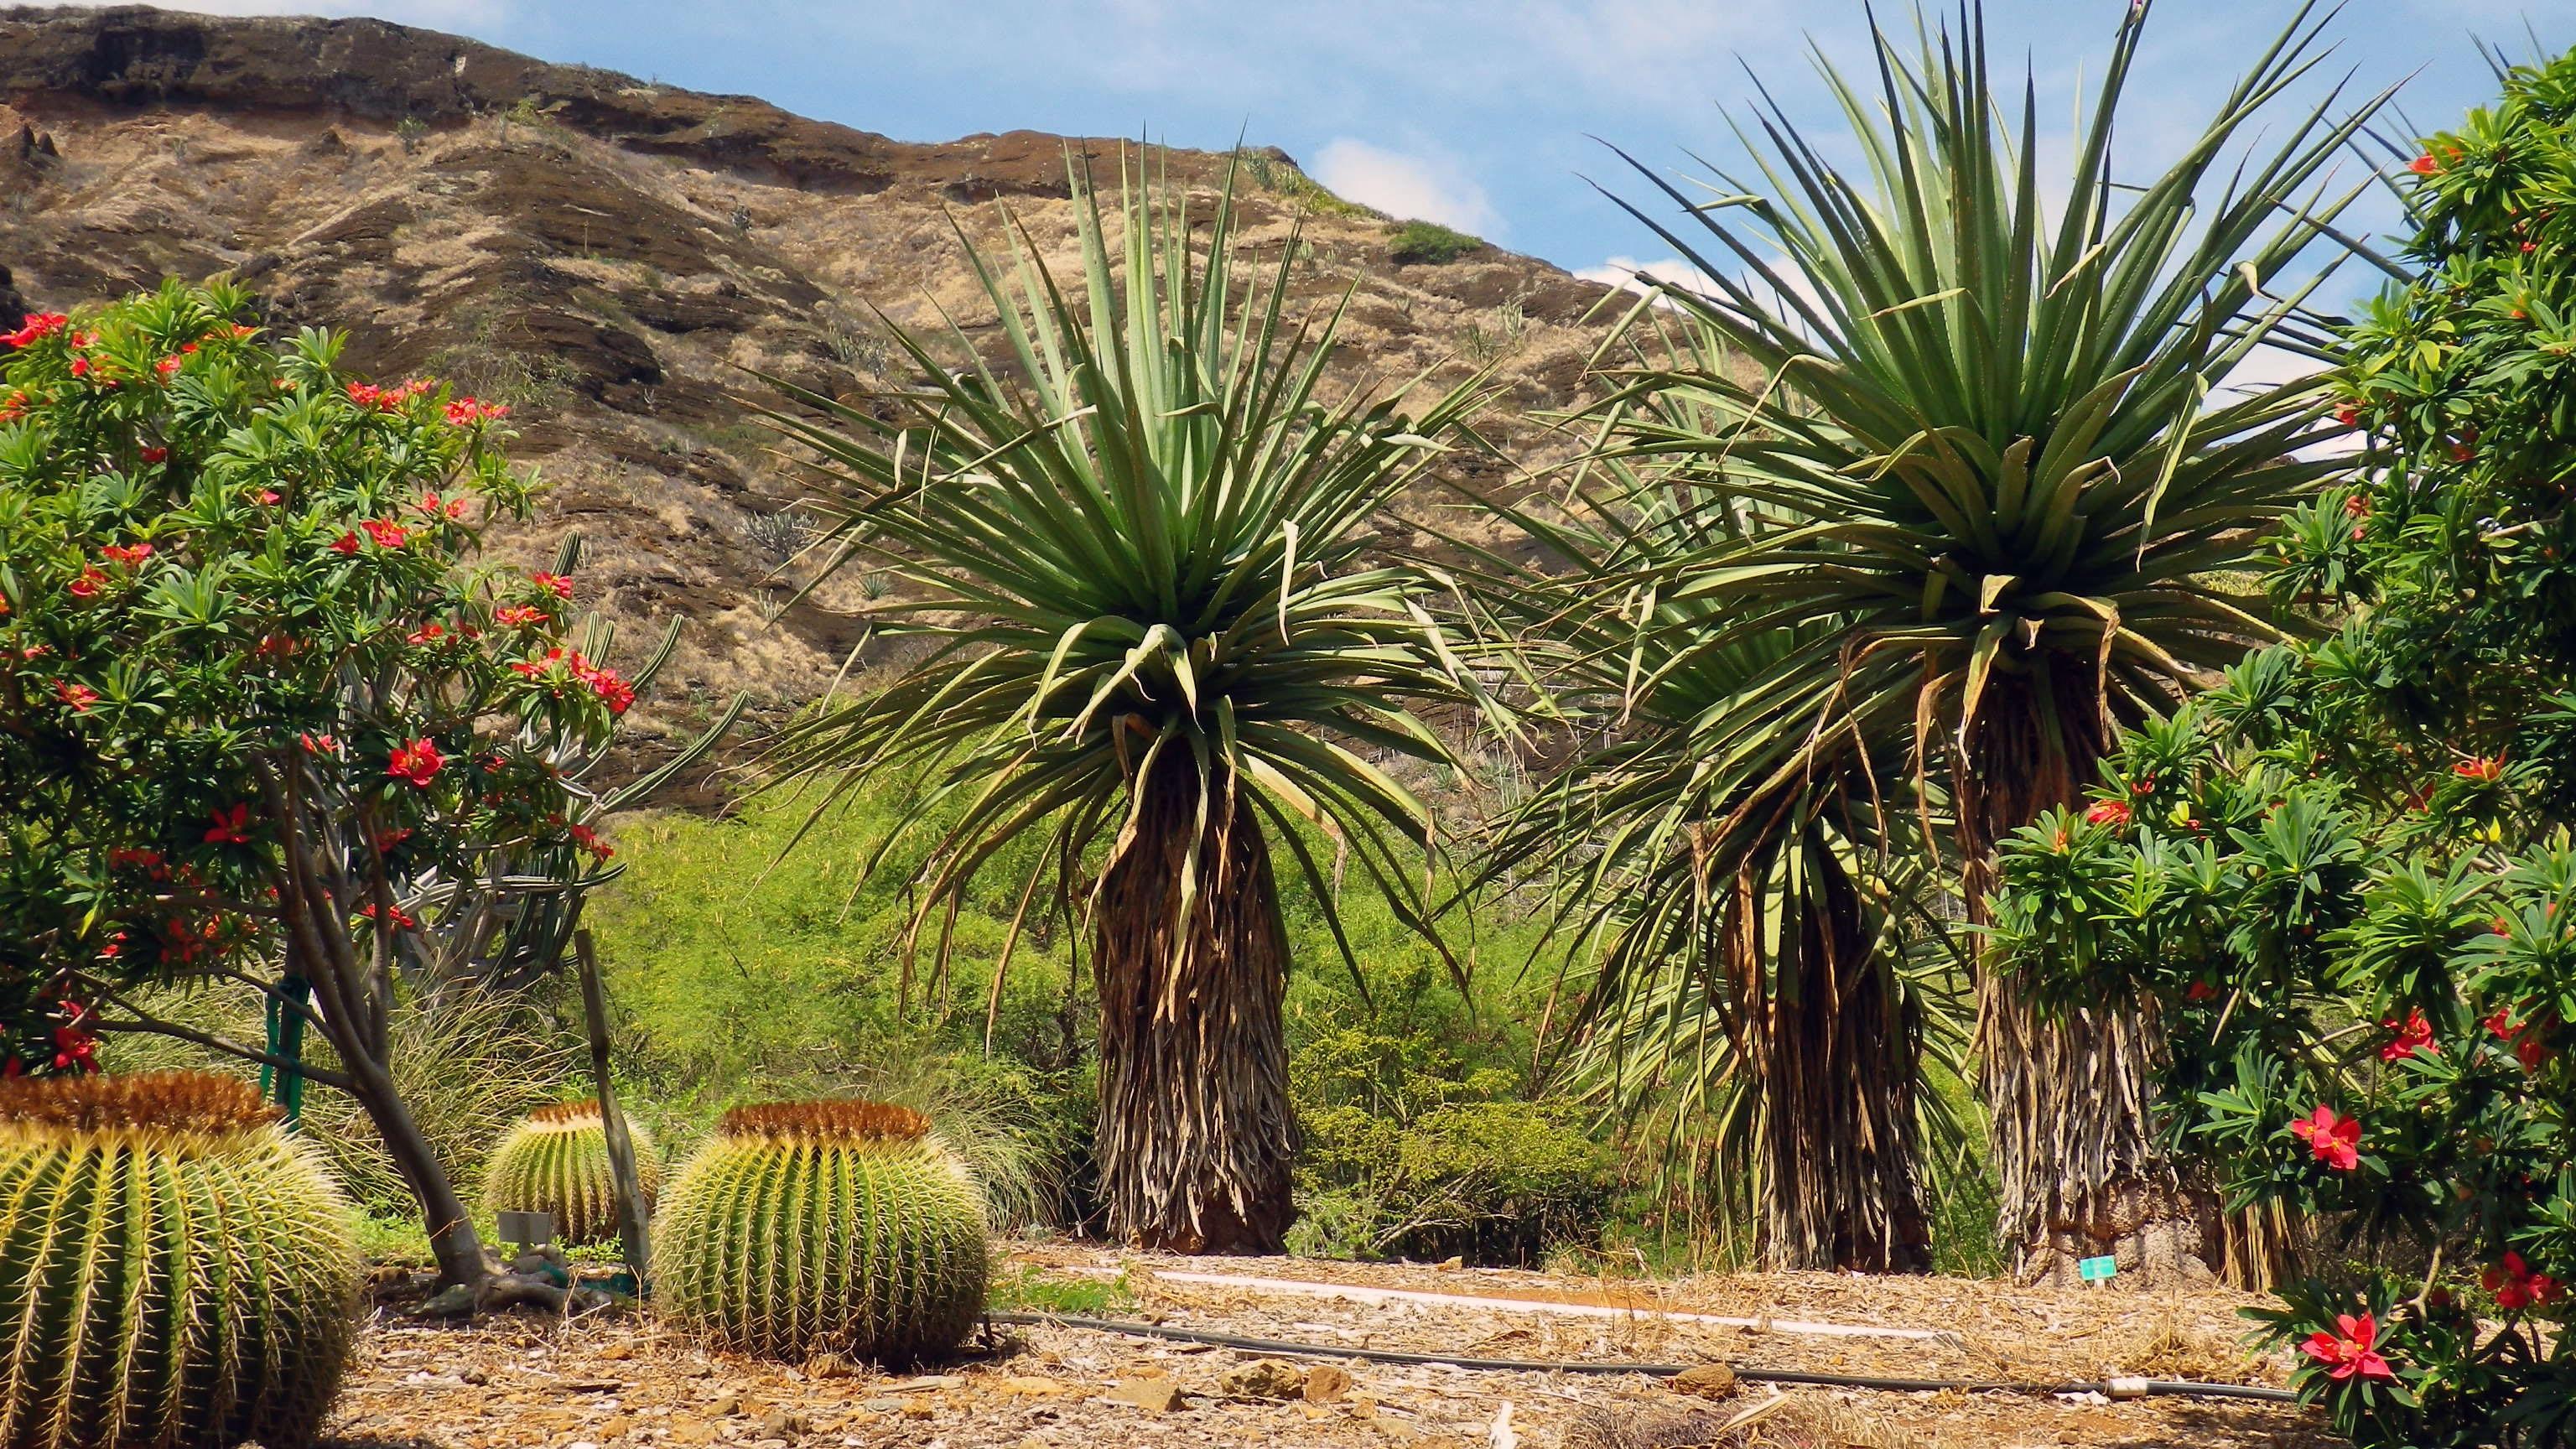 Fotos gratis : paisaje, árbol, naturaleza, cactus ...